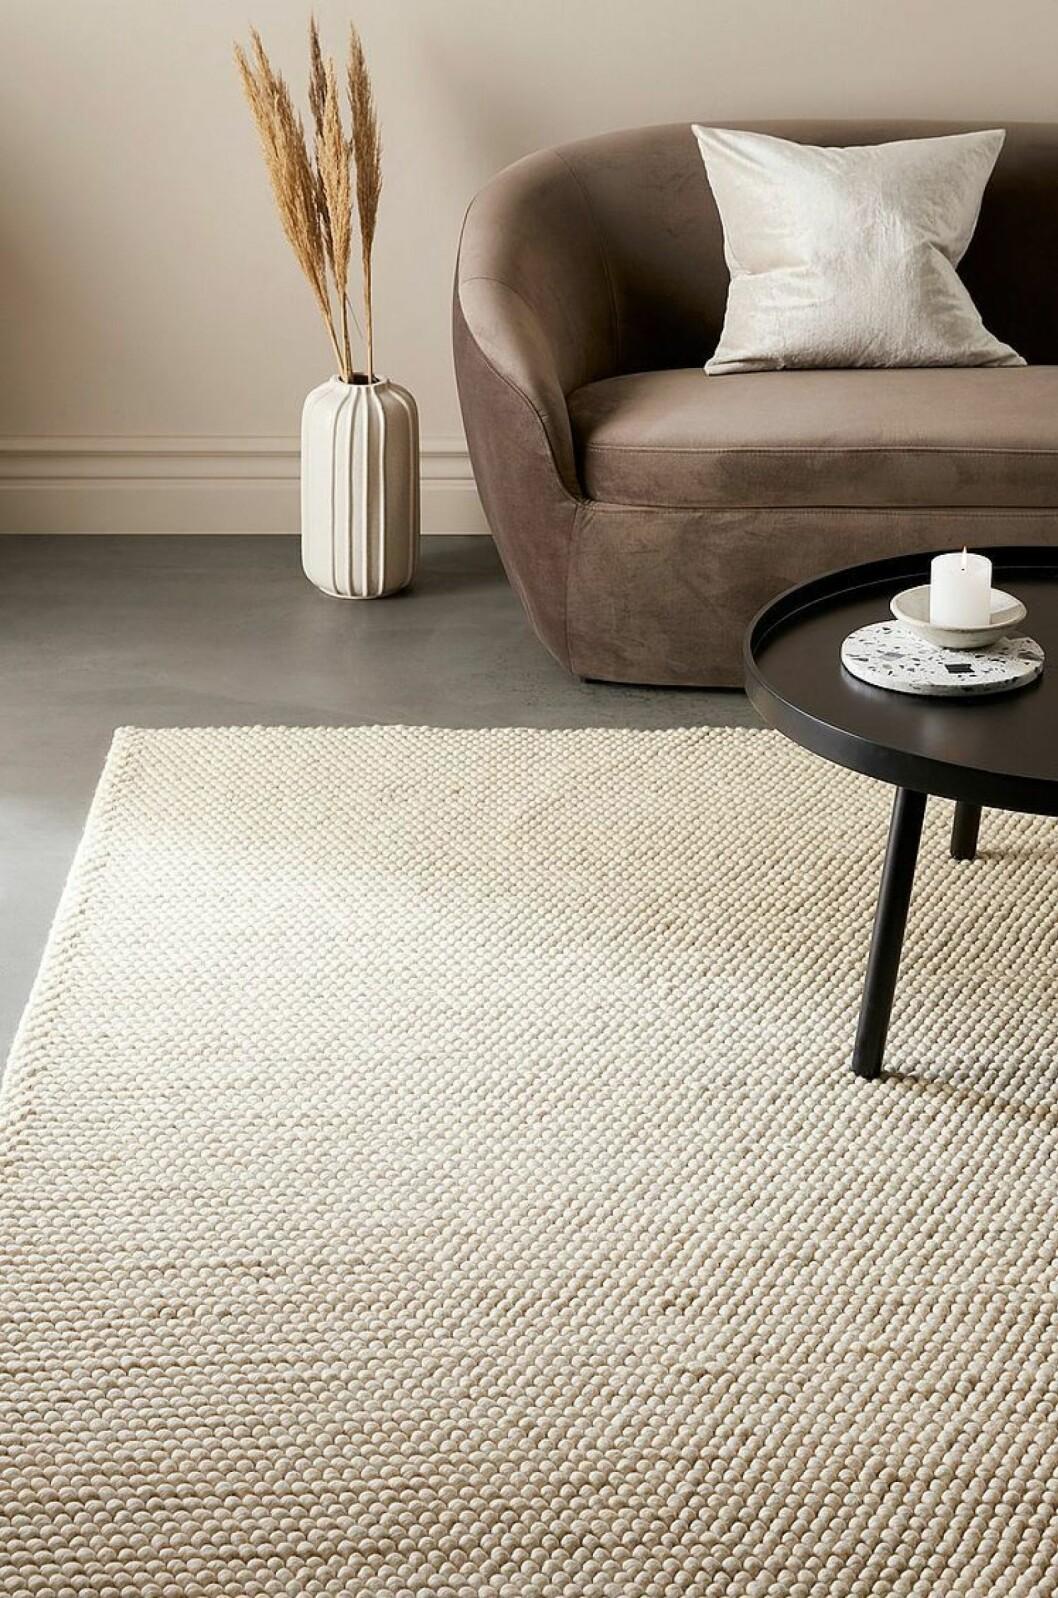 Stor matta till en soffa i sammet